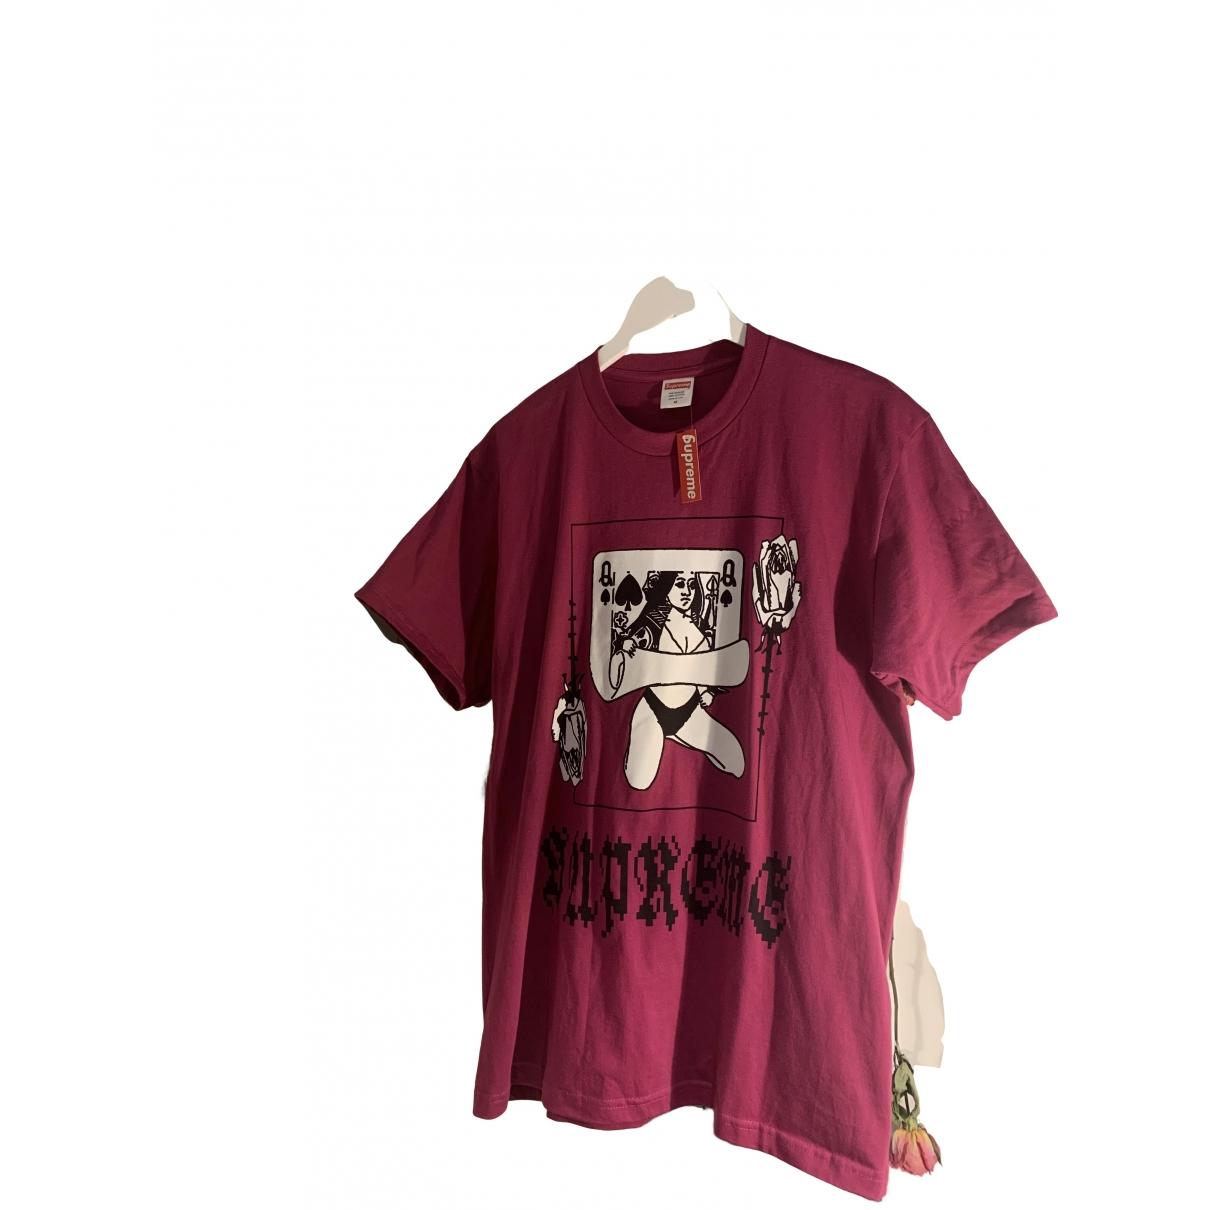 Supreme - Tee shirts   pour homme en coton - violet